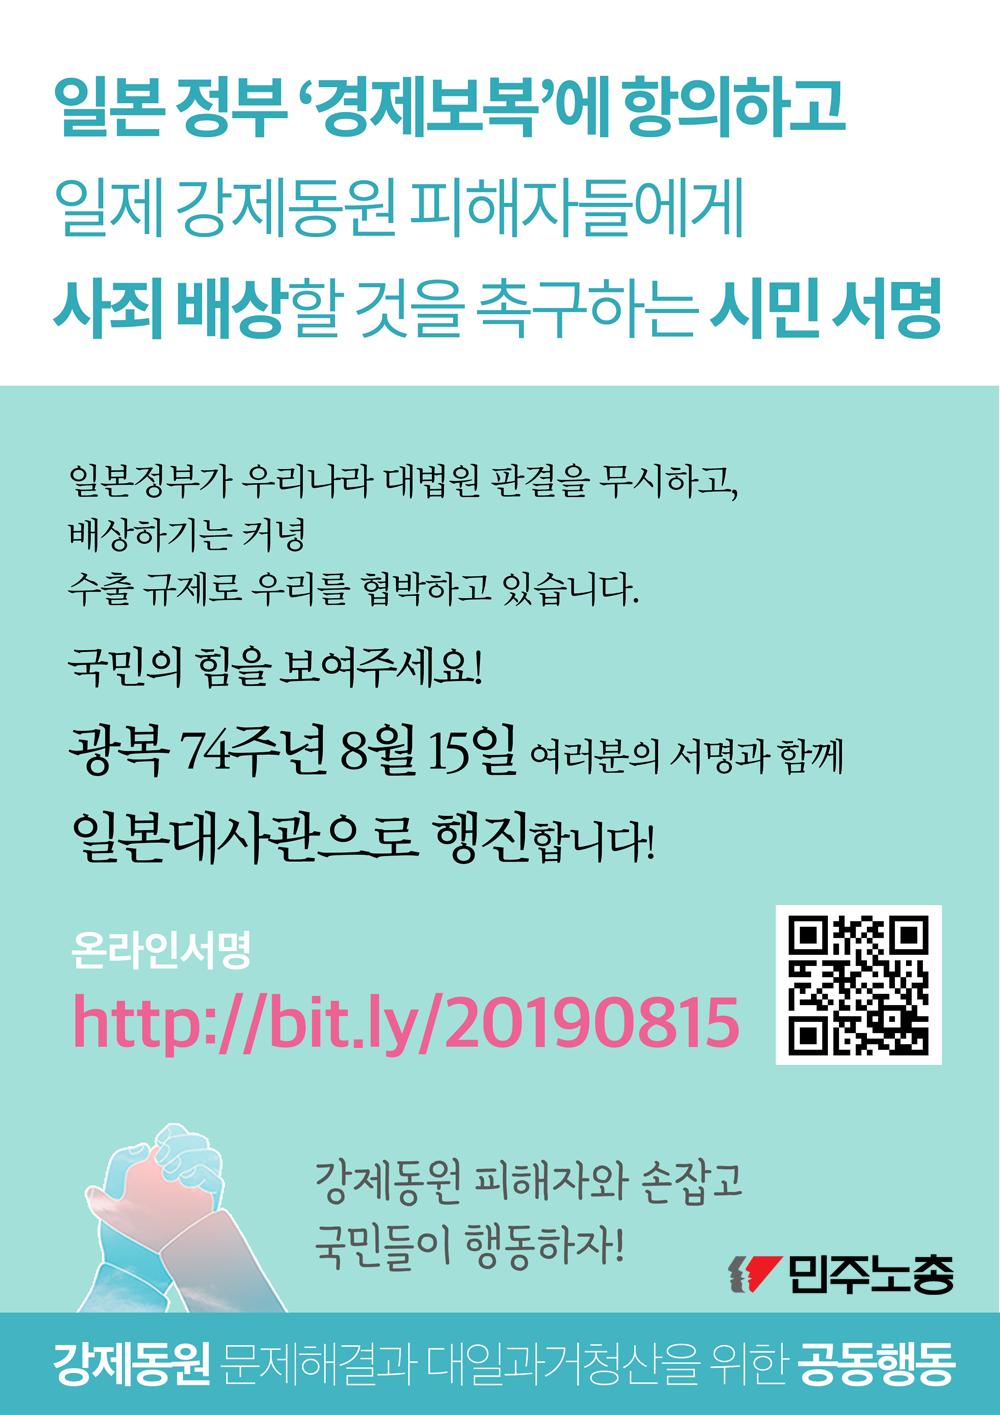 서명운동웹자보.png